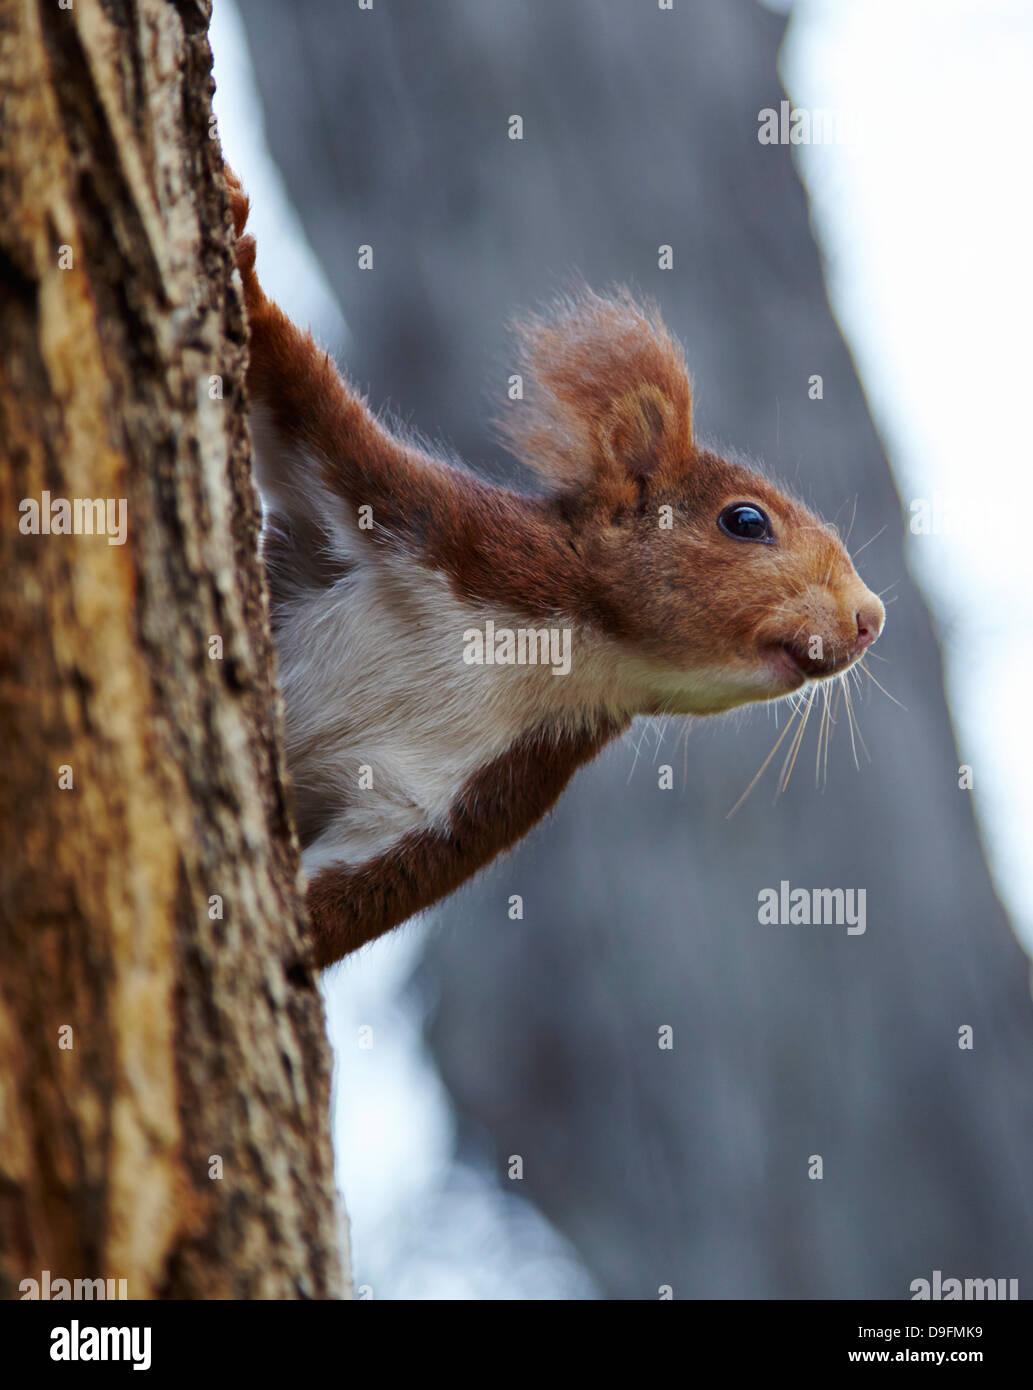 Red squirrel in Parque del Retiro, Madrid, Spain Stock Photo